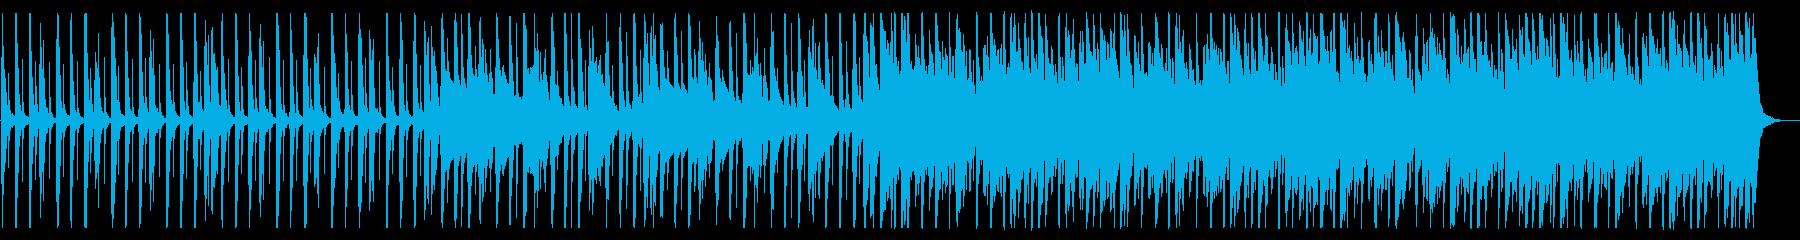 賑やかしくポップなBGM_No617_3の再生済みの波形